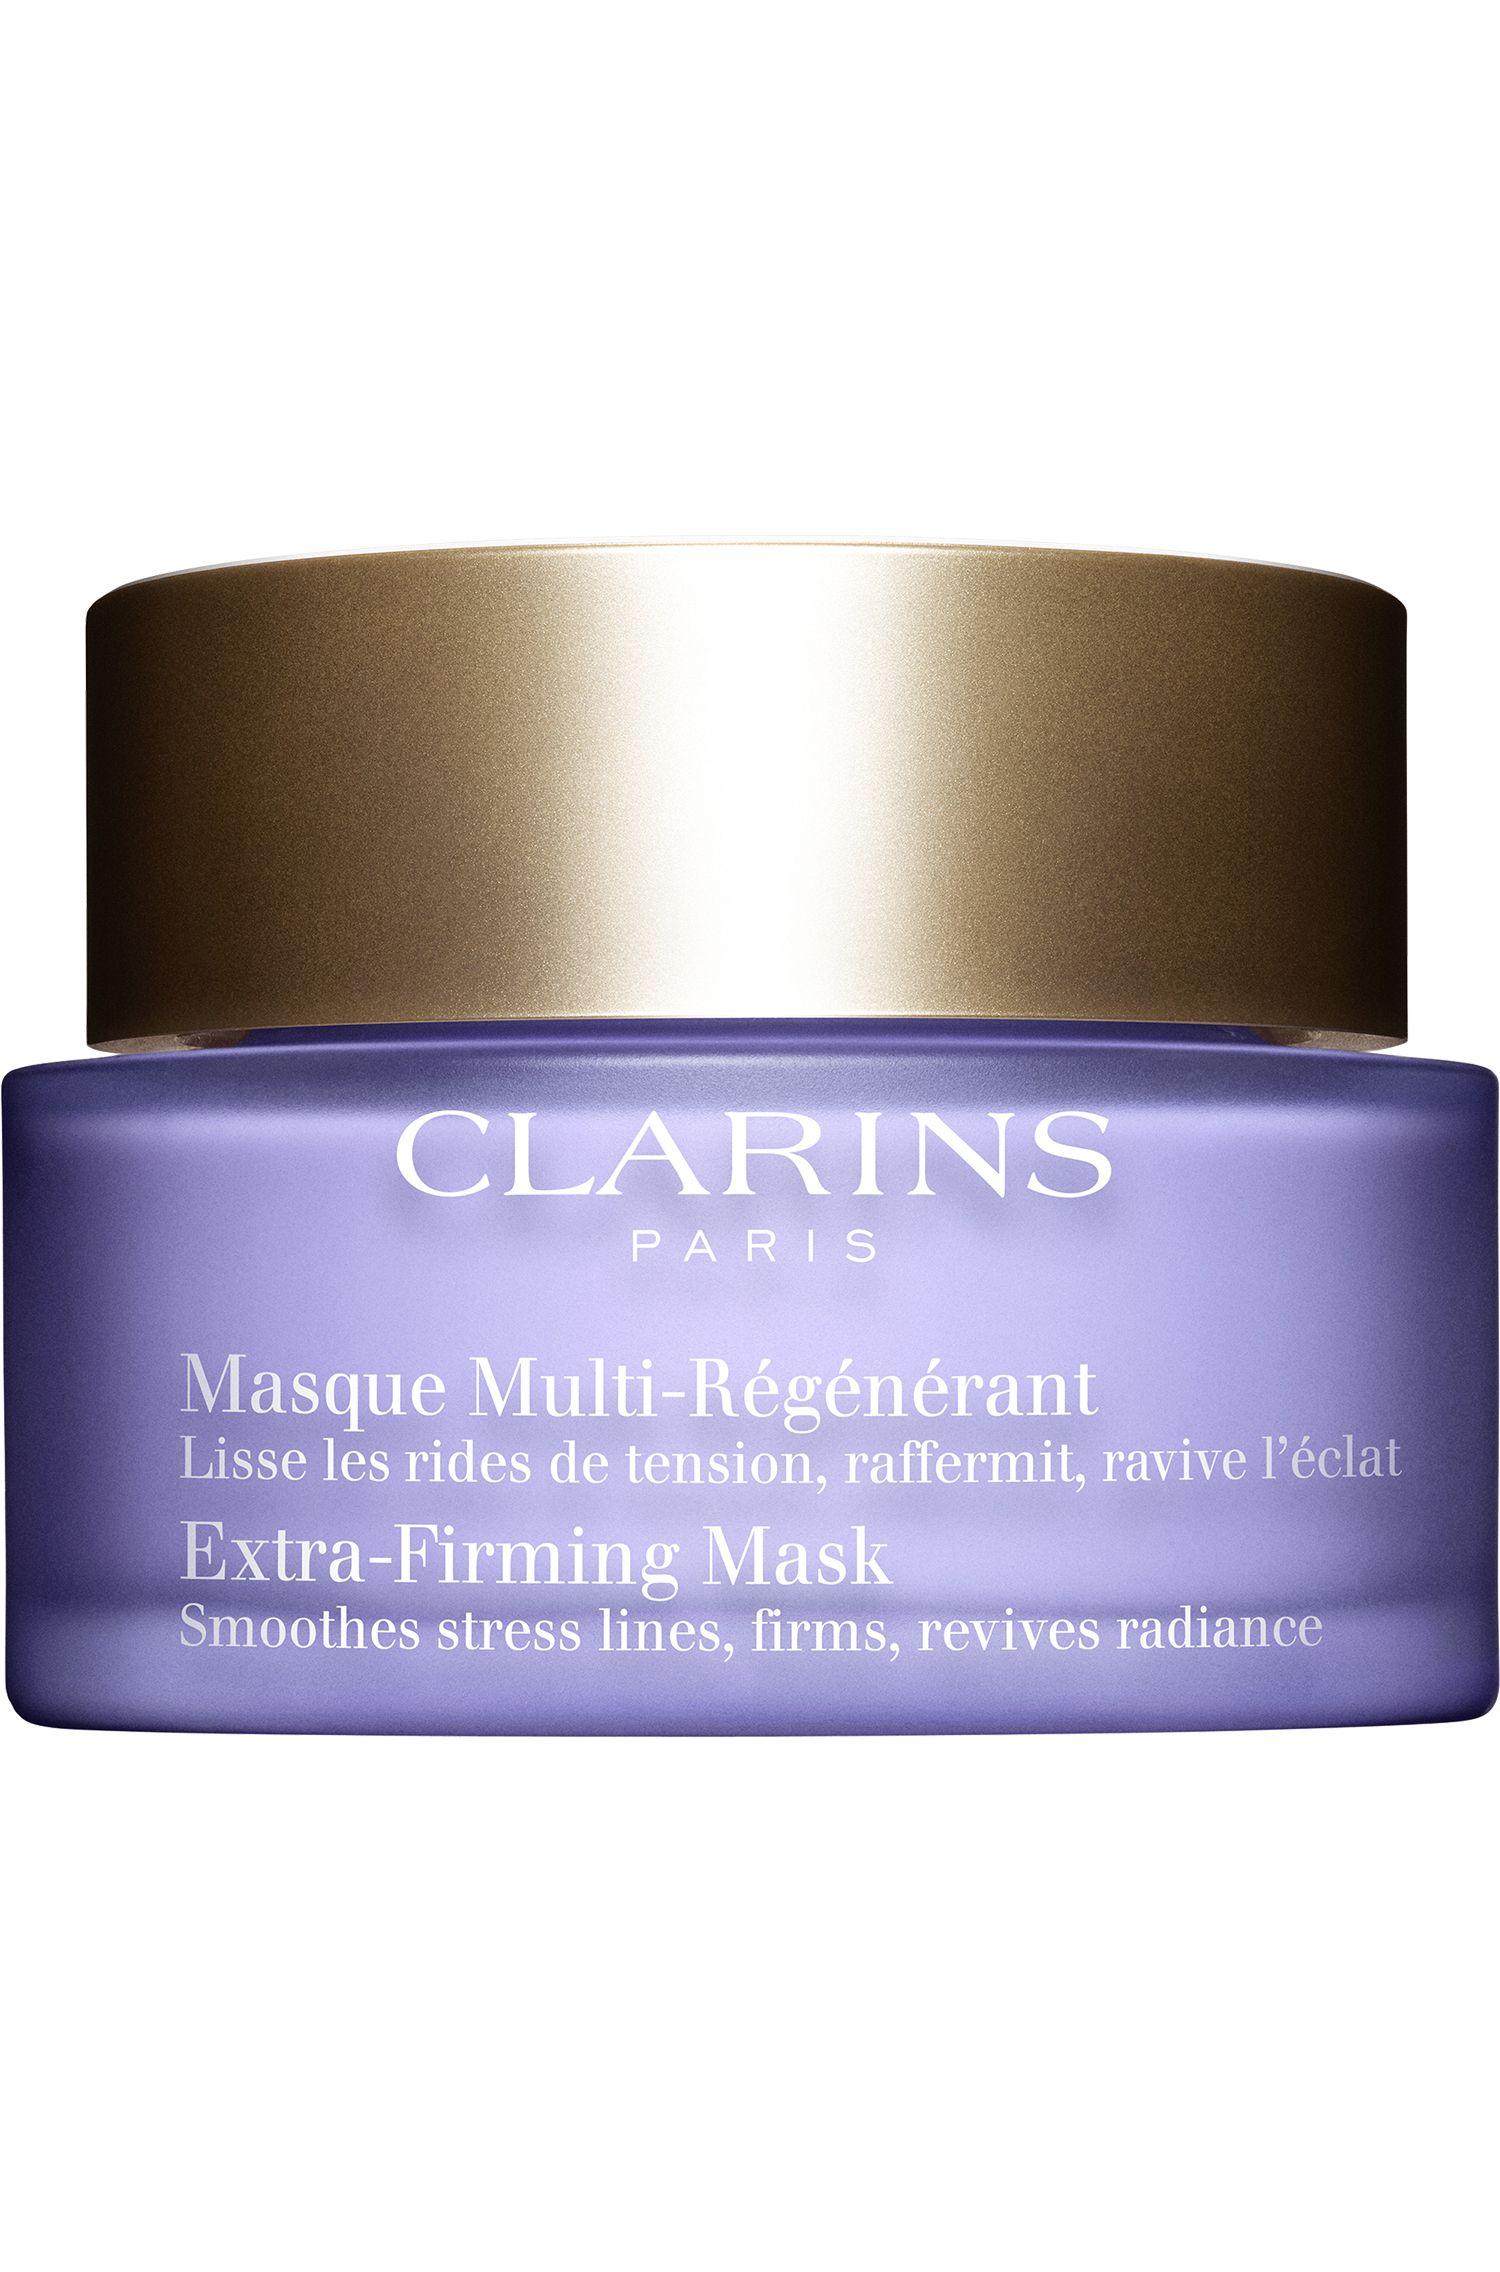 Blissim : Clarins - Masque anti-âge Multi-Régénérant - Masque anti-âge Multi-Régénérant